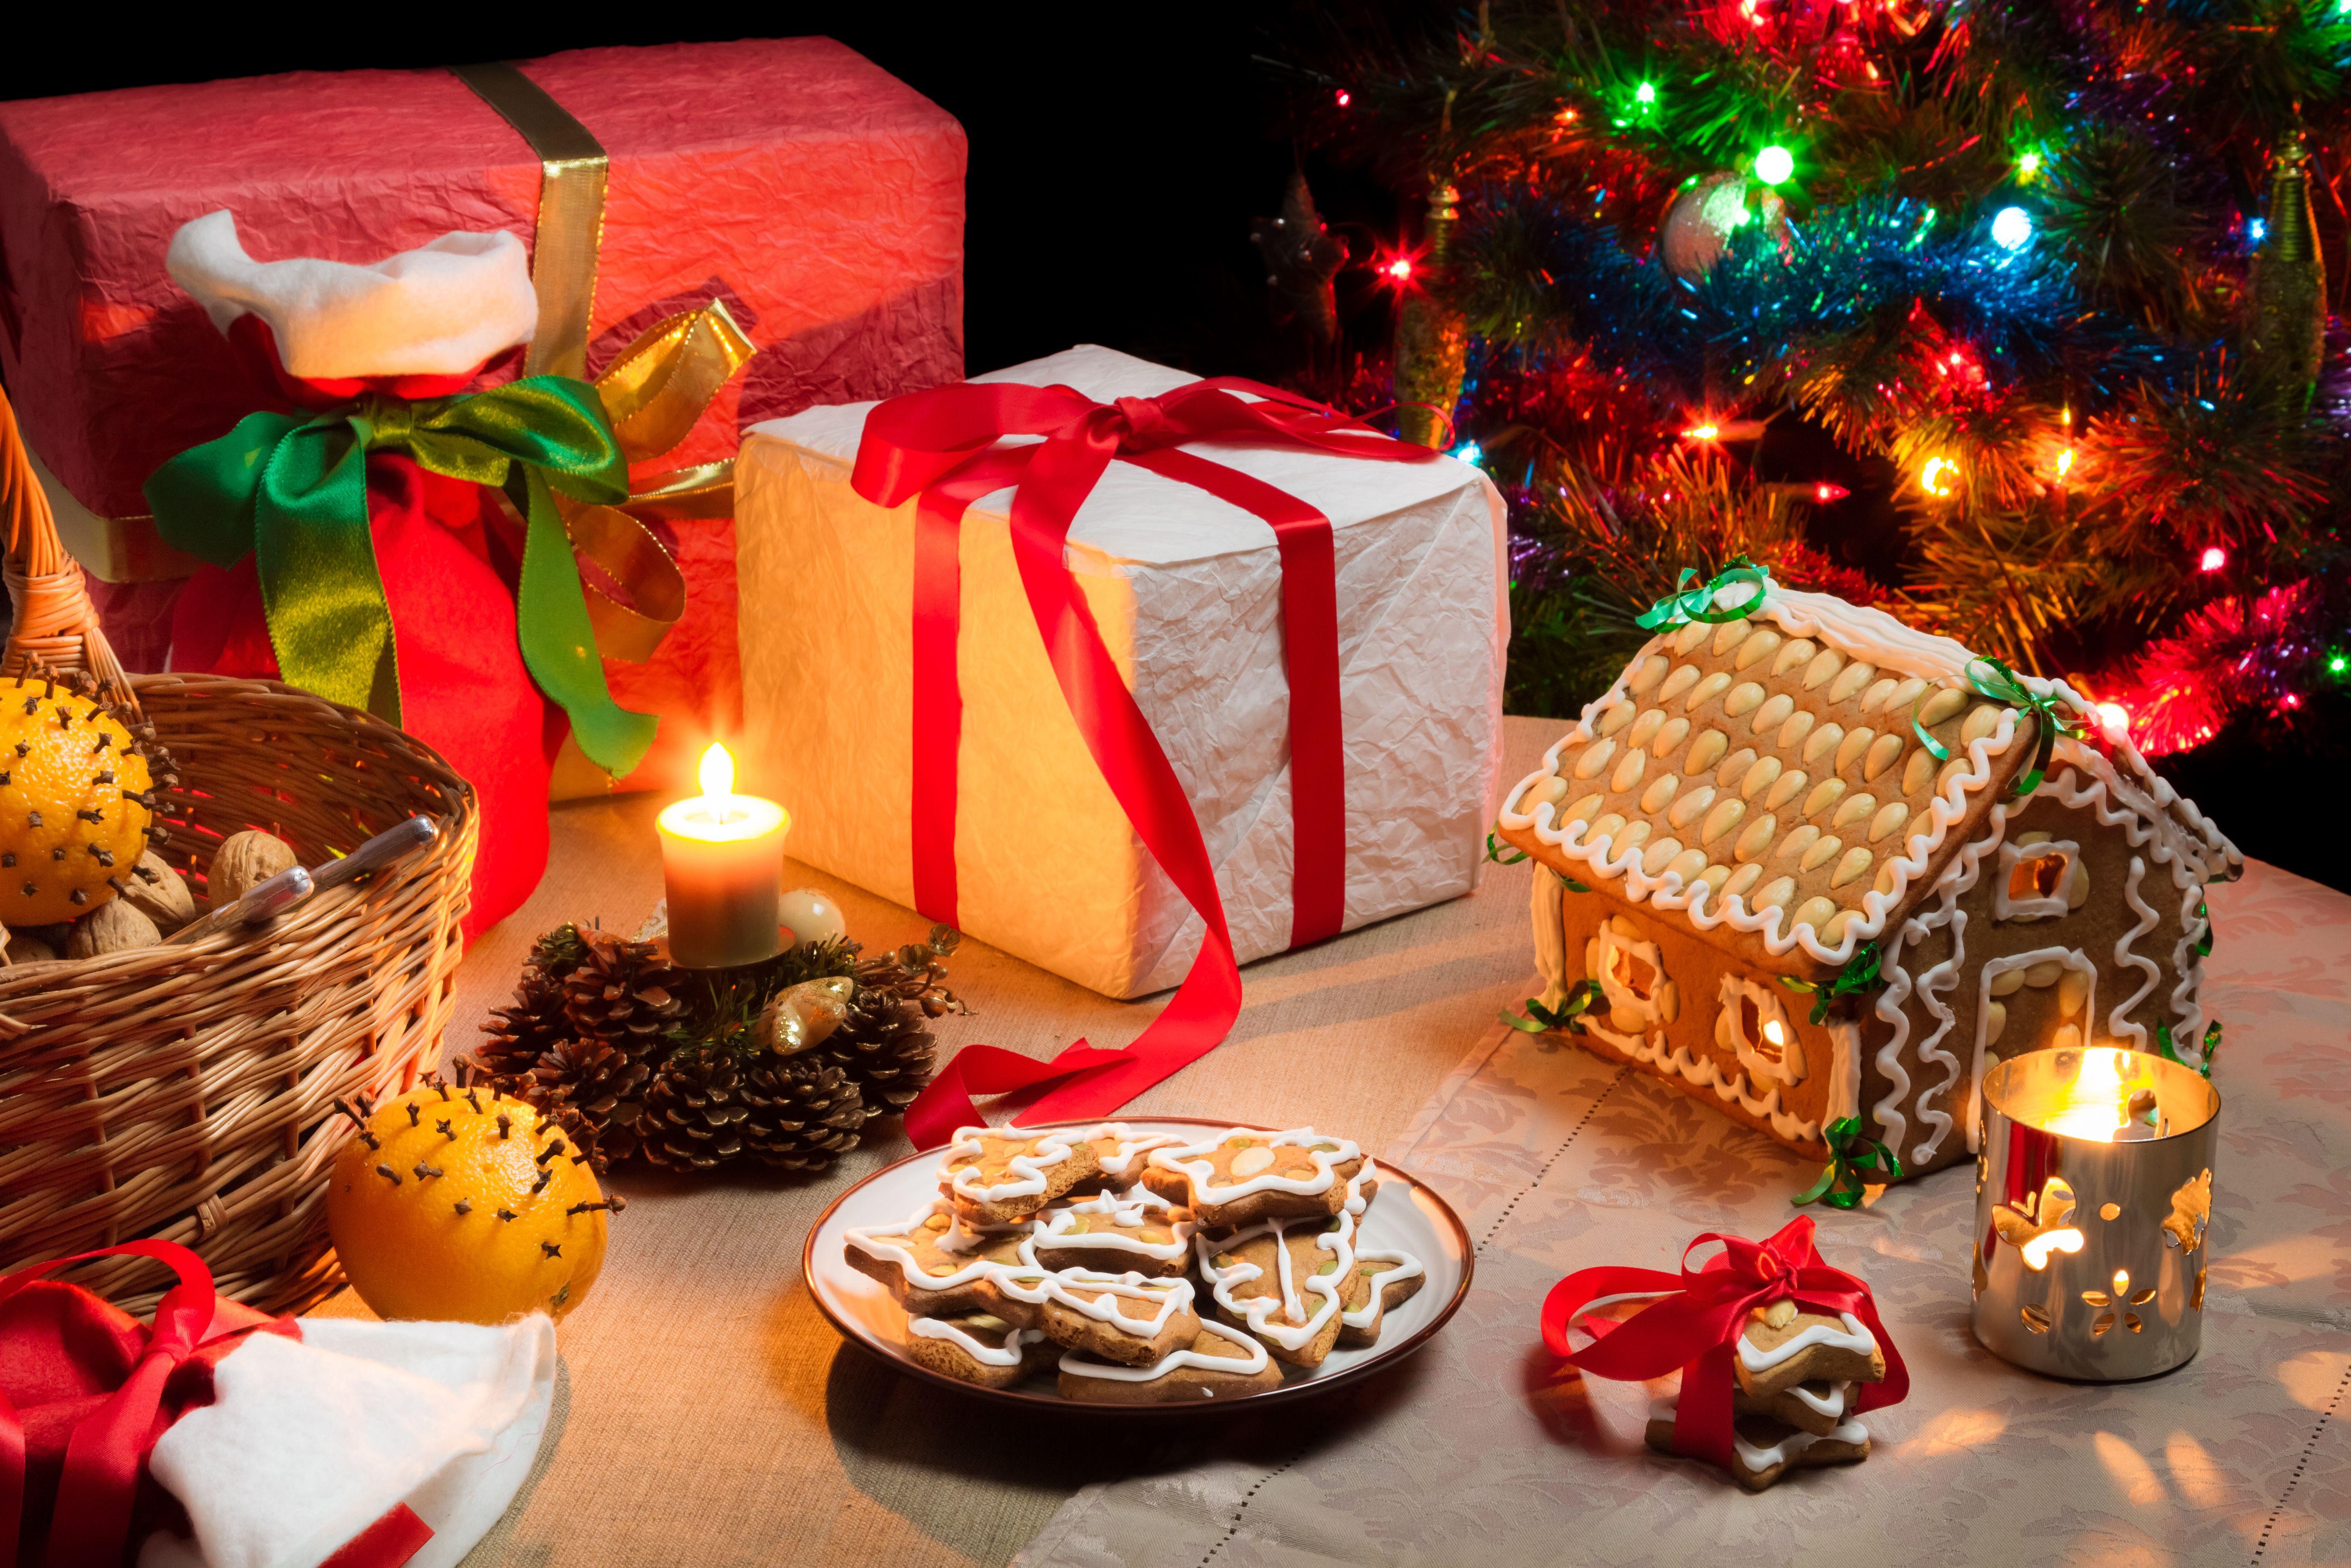 еда праздники свечи food holidays candles скачать